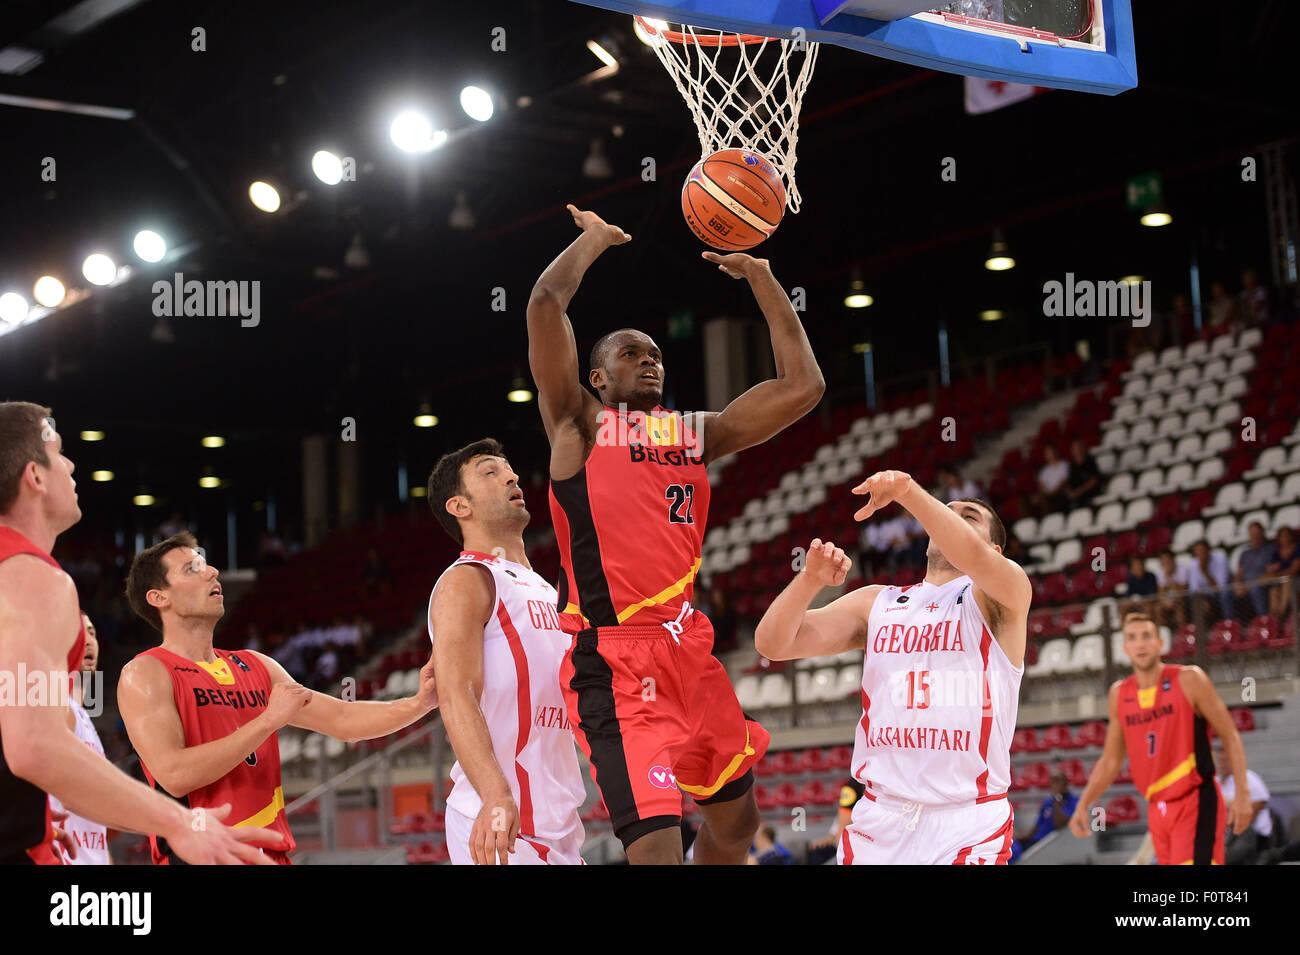 Paris, France. 20e Août, 2015. Basket-ball match amical international. La Belgique contre la Géorgie. Photo Stock